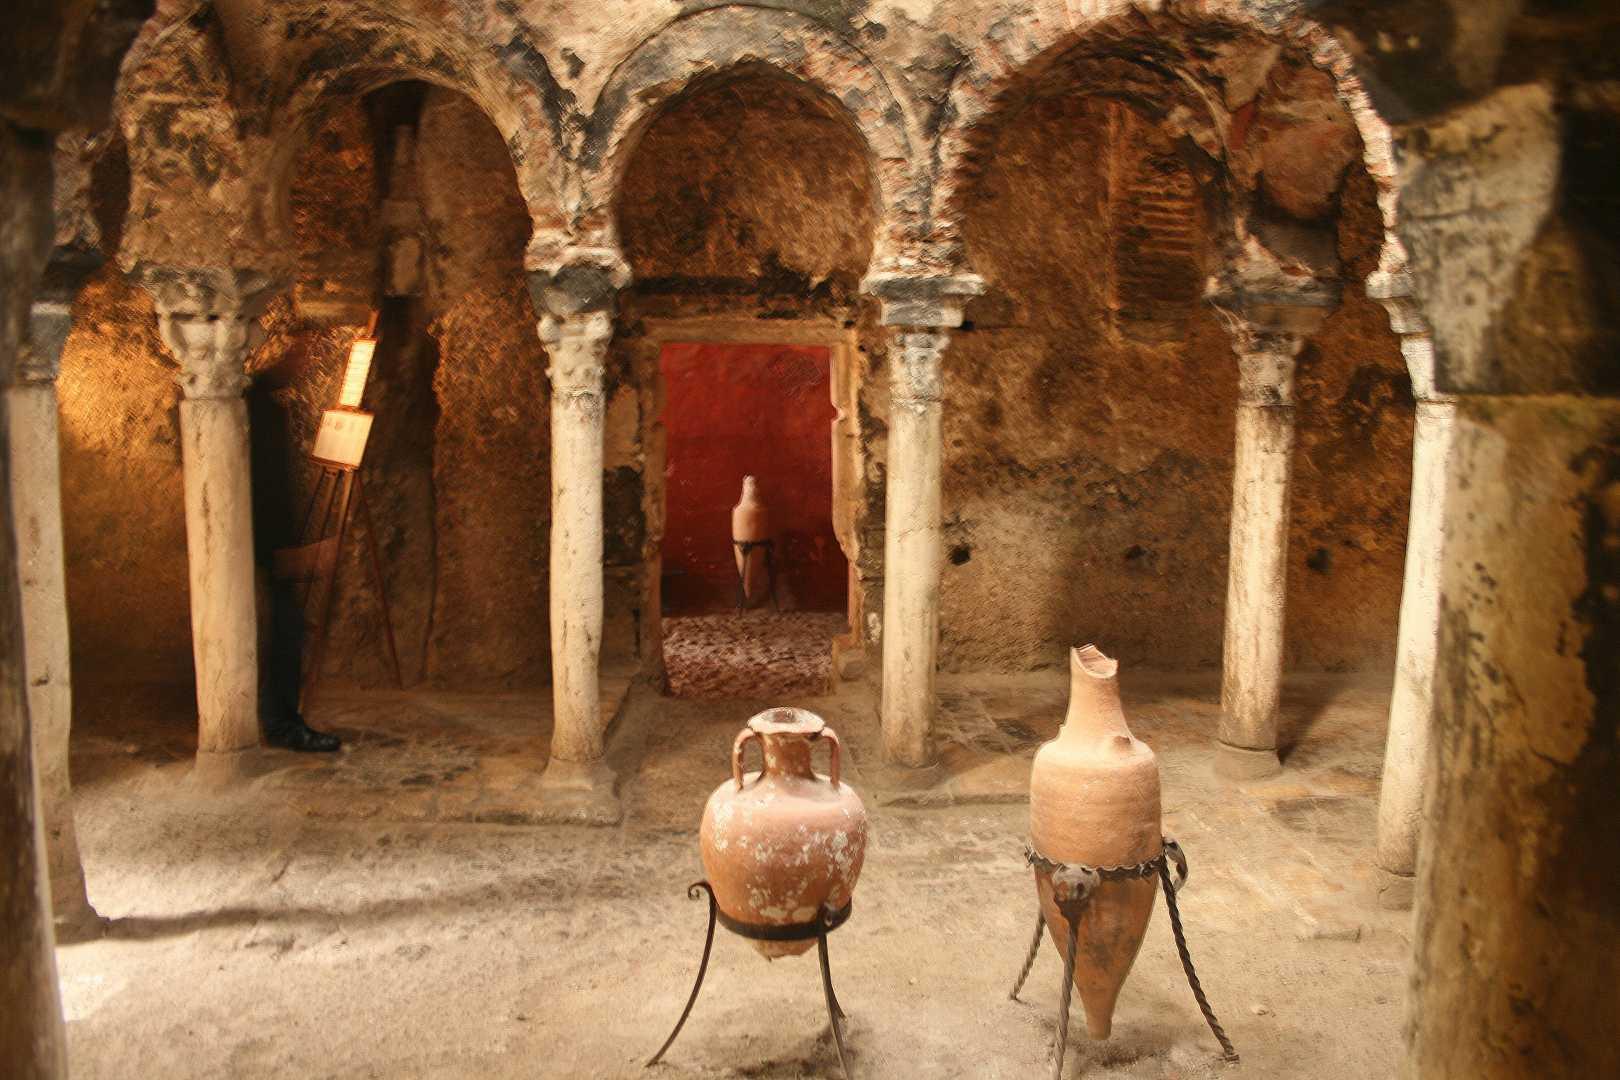 Arabiska badhuset, morer, historia, Palma de Mallorca